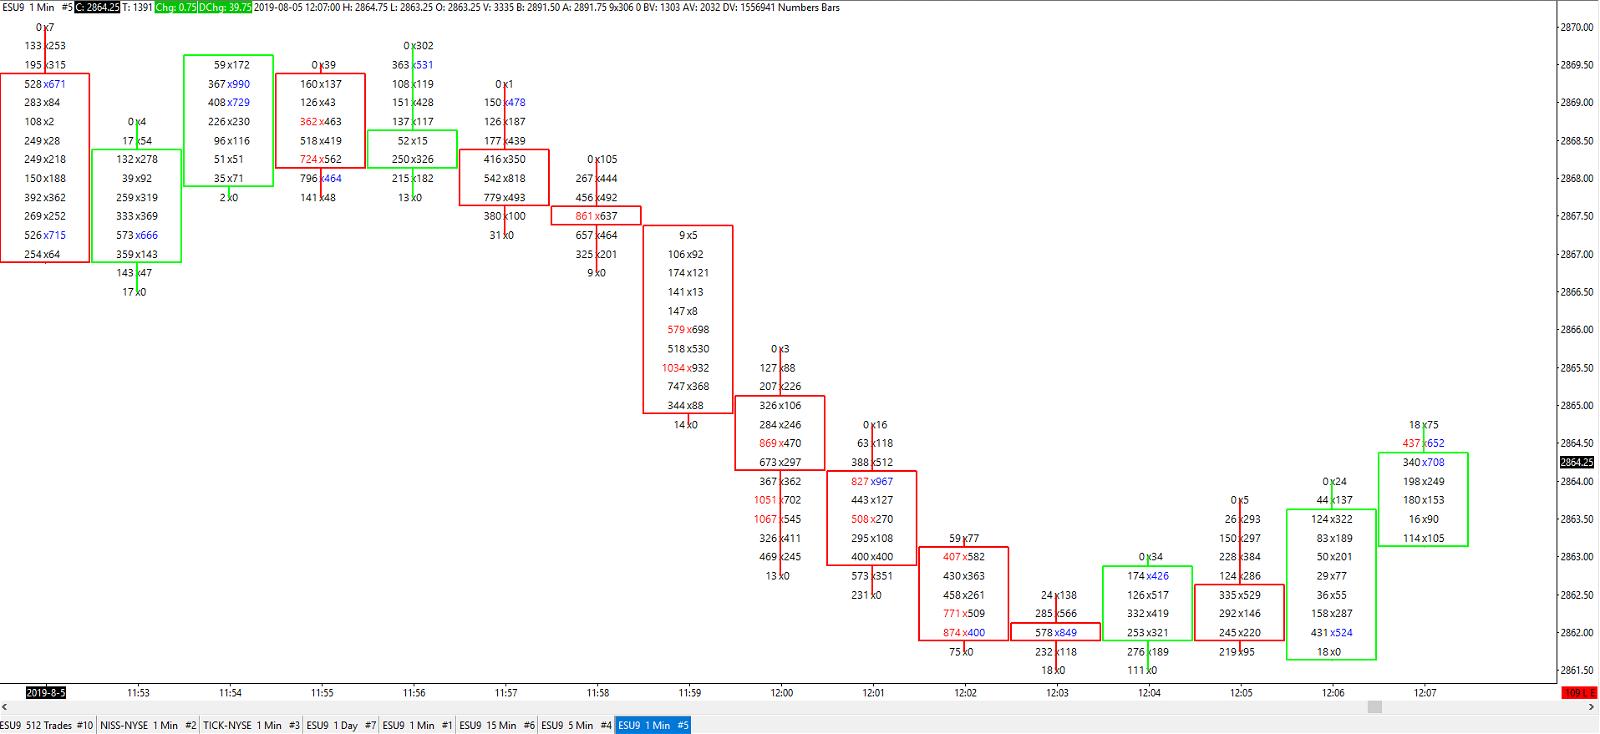 Buy and Sell Imbalances